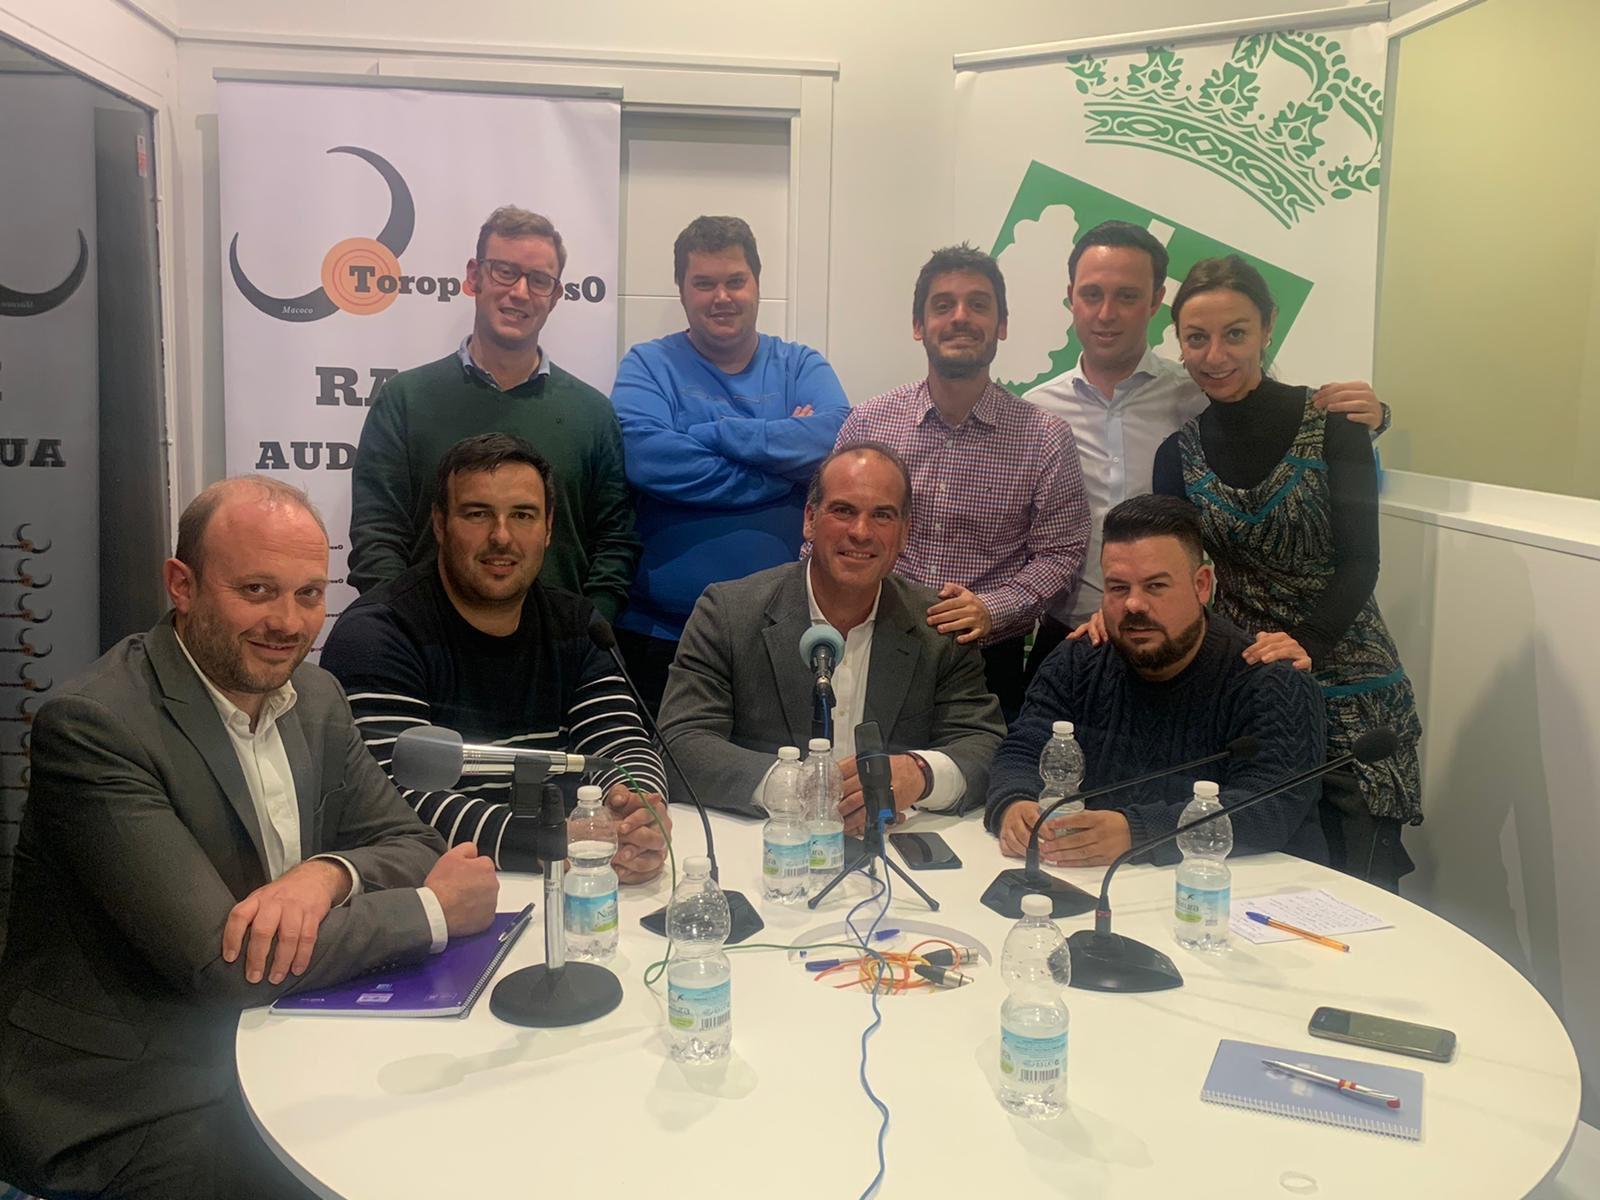 Nuestro socios en Toropoderoso - Pedro Iturralde